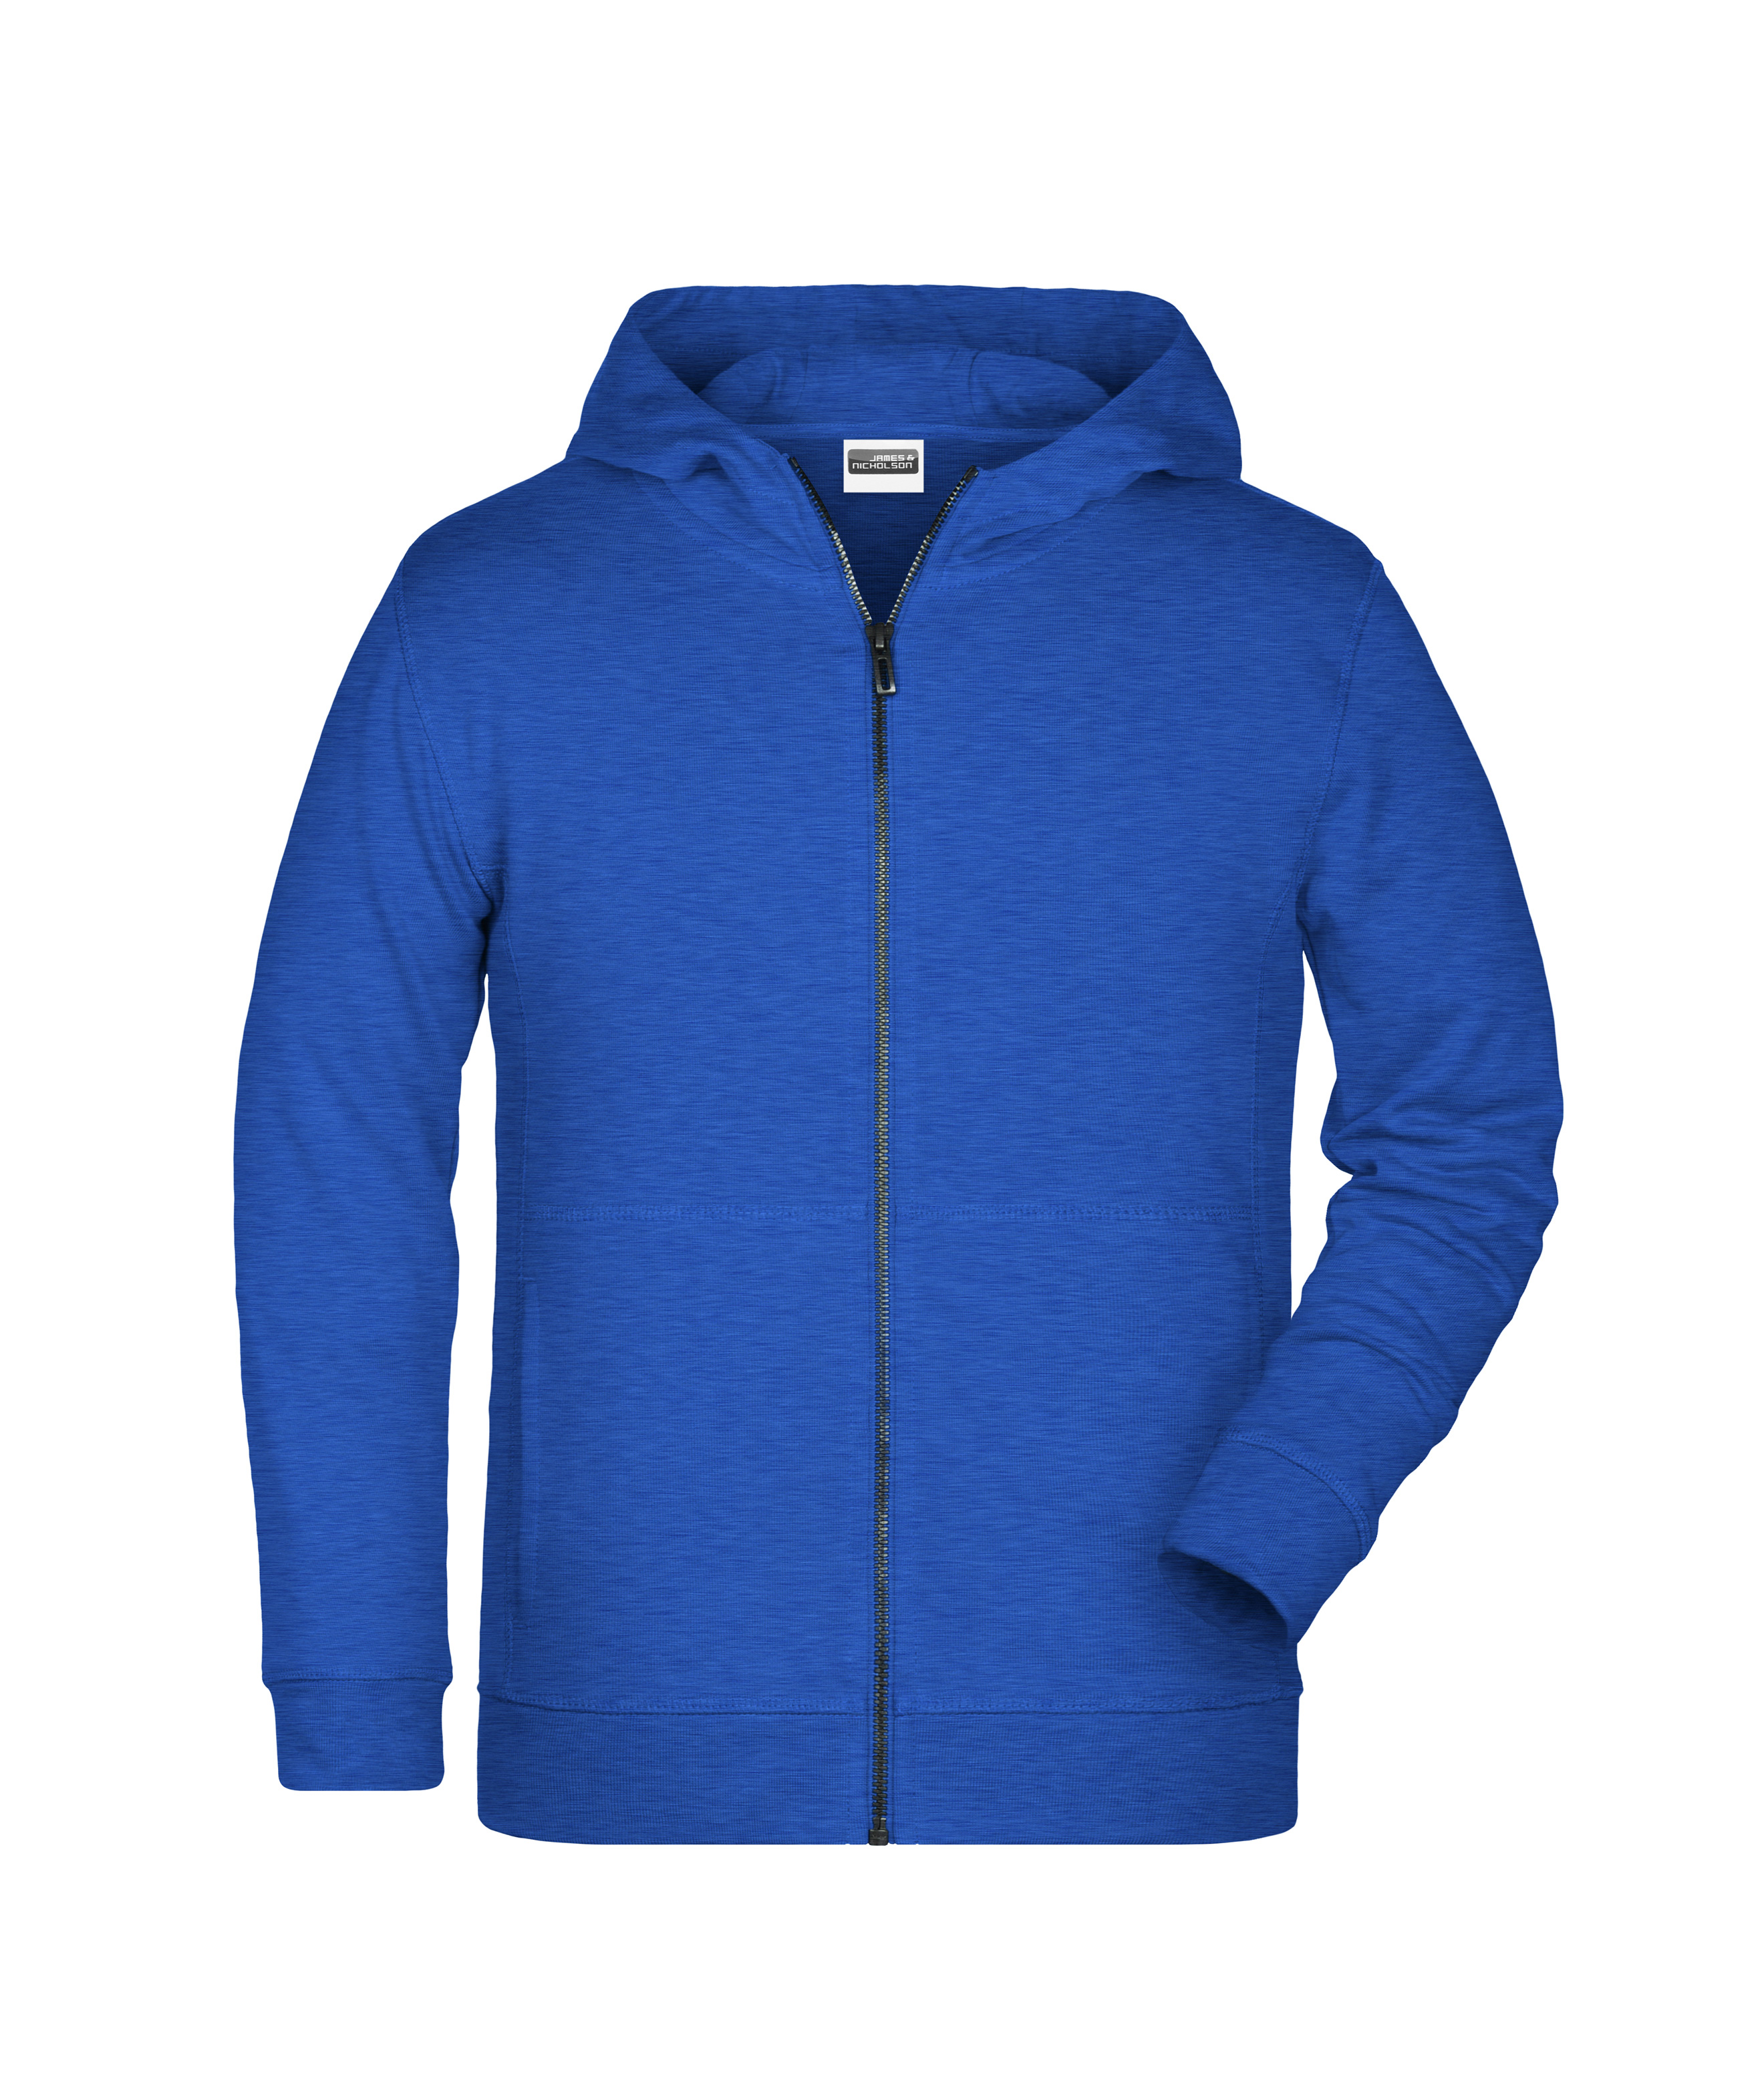 Sweat-Jacke mit Kapuze und Reißverschluss